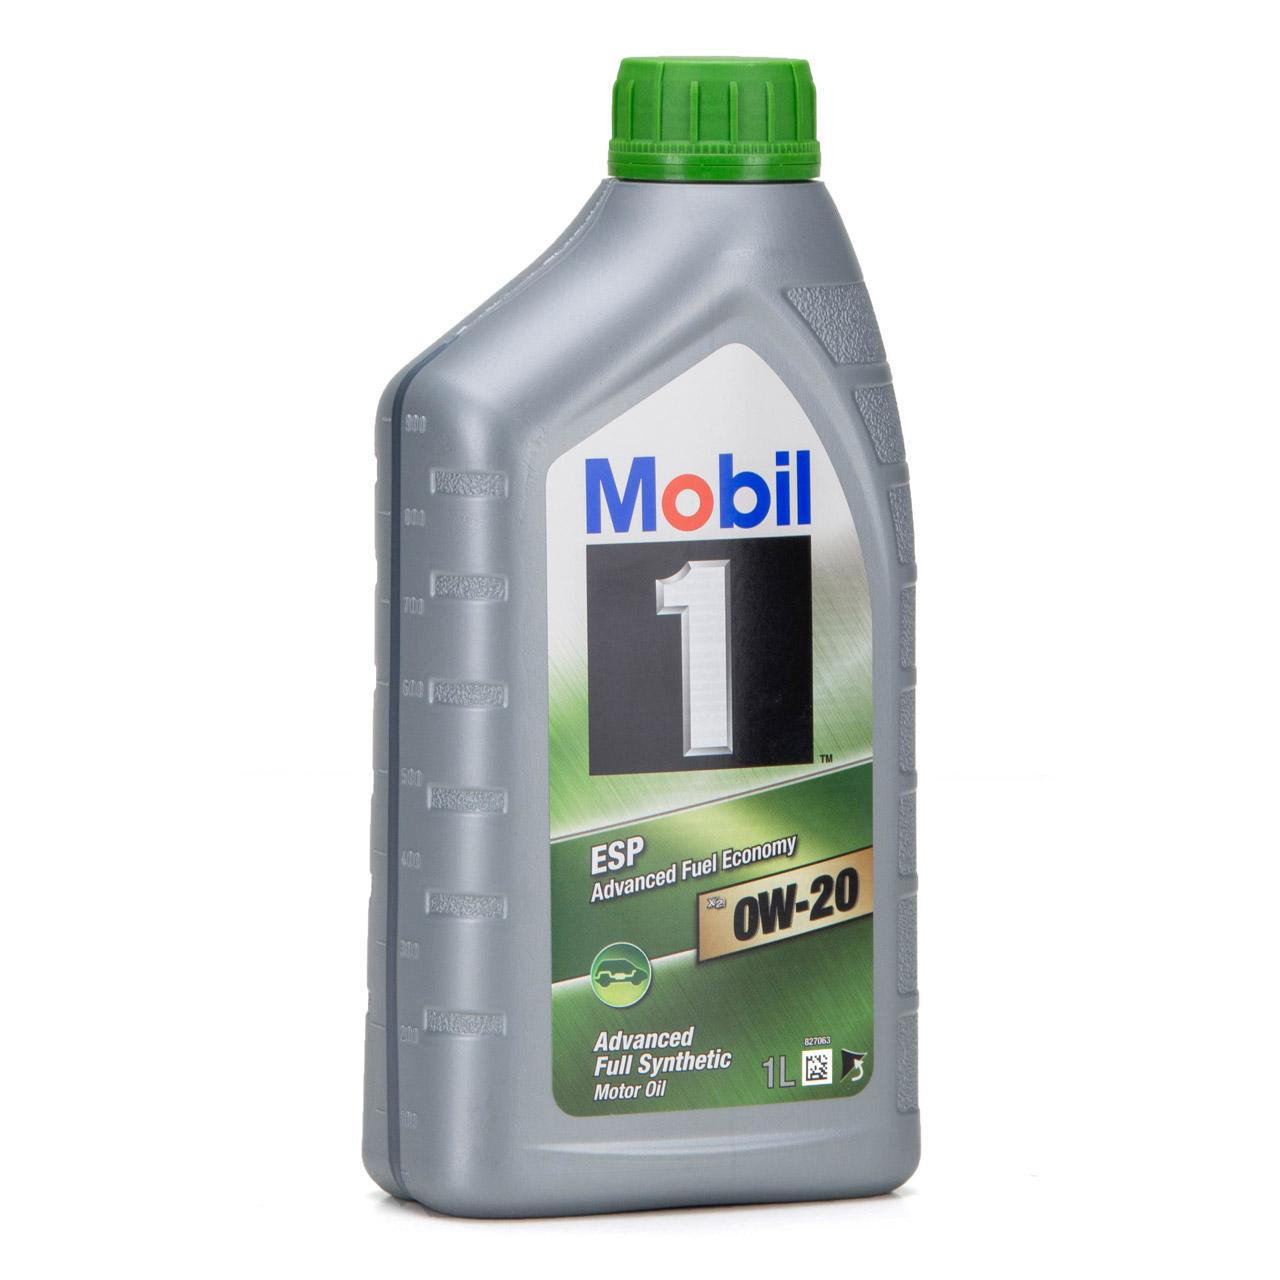 Mobil 1 ESP X2 Motoröl Öl 0W-20 0W20 PORSCHE C20 VW 508.00/509.00 - 1L 1 Liter